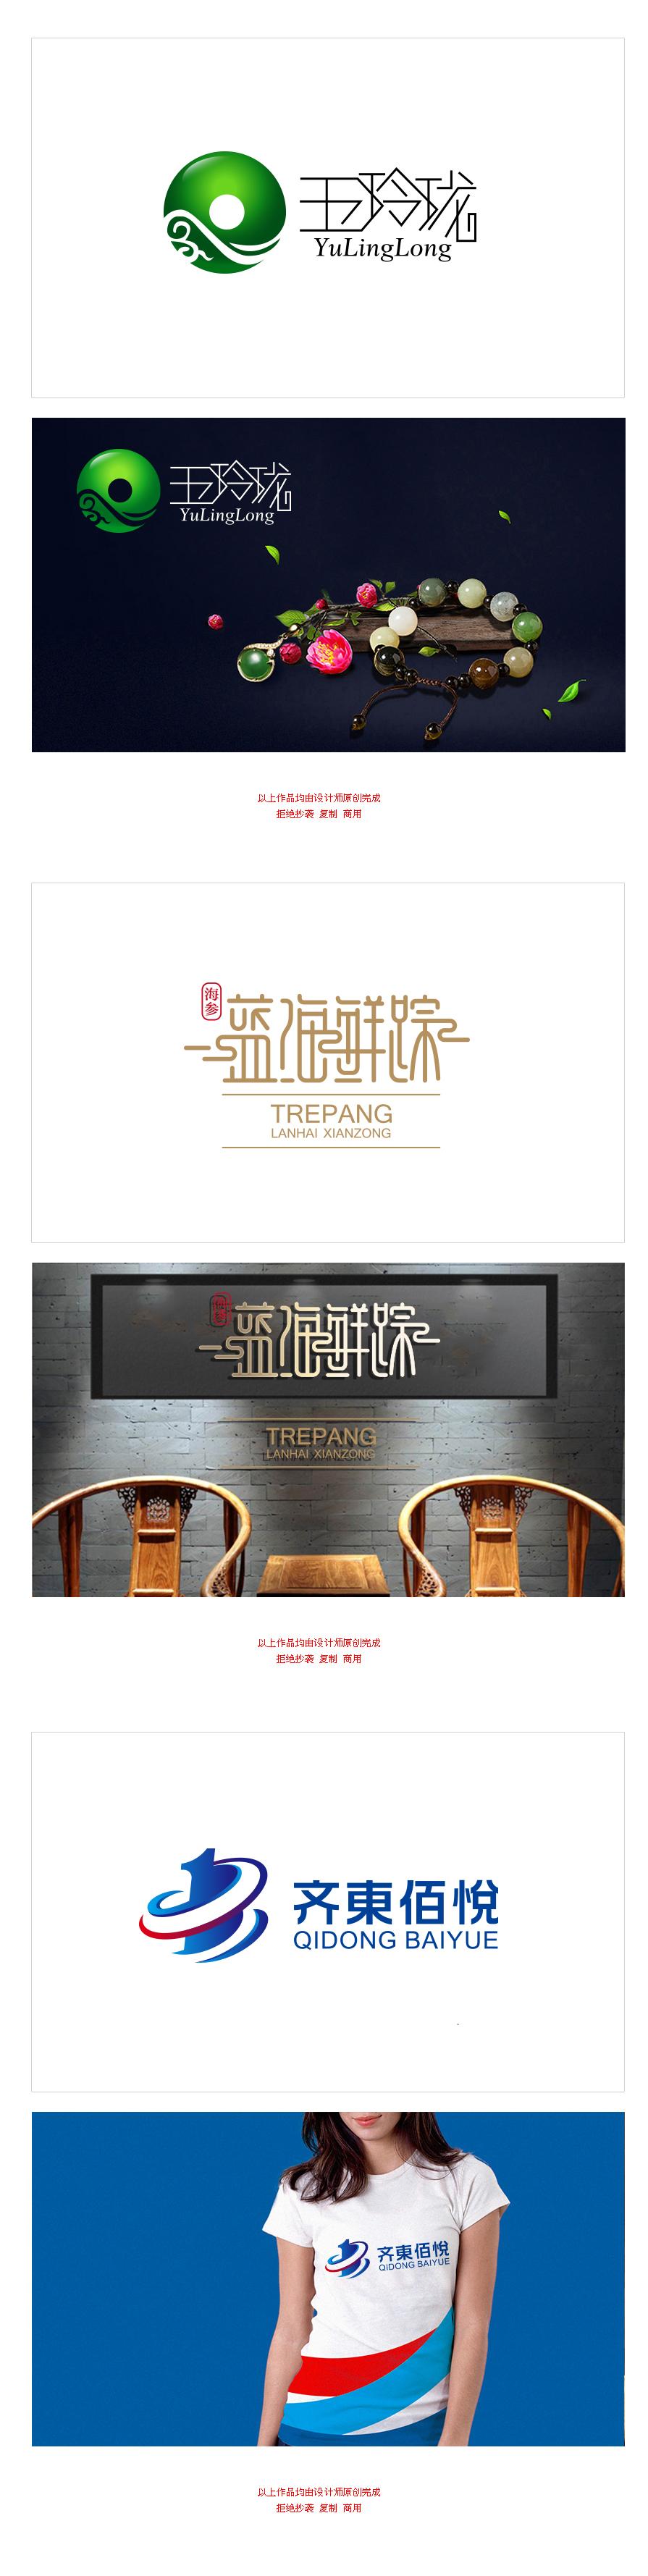 梦之城平台登录_【总监操刀梦之城平台登录标志设计】满意为止 公司品牌 餐饮门店6